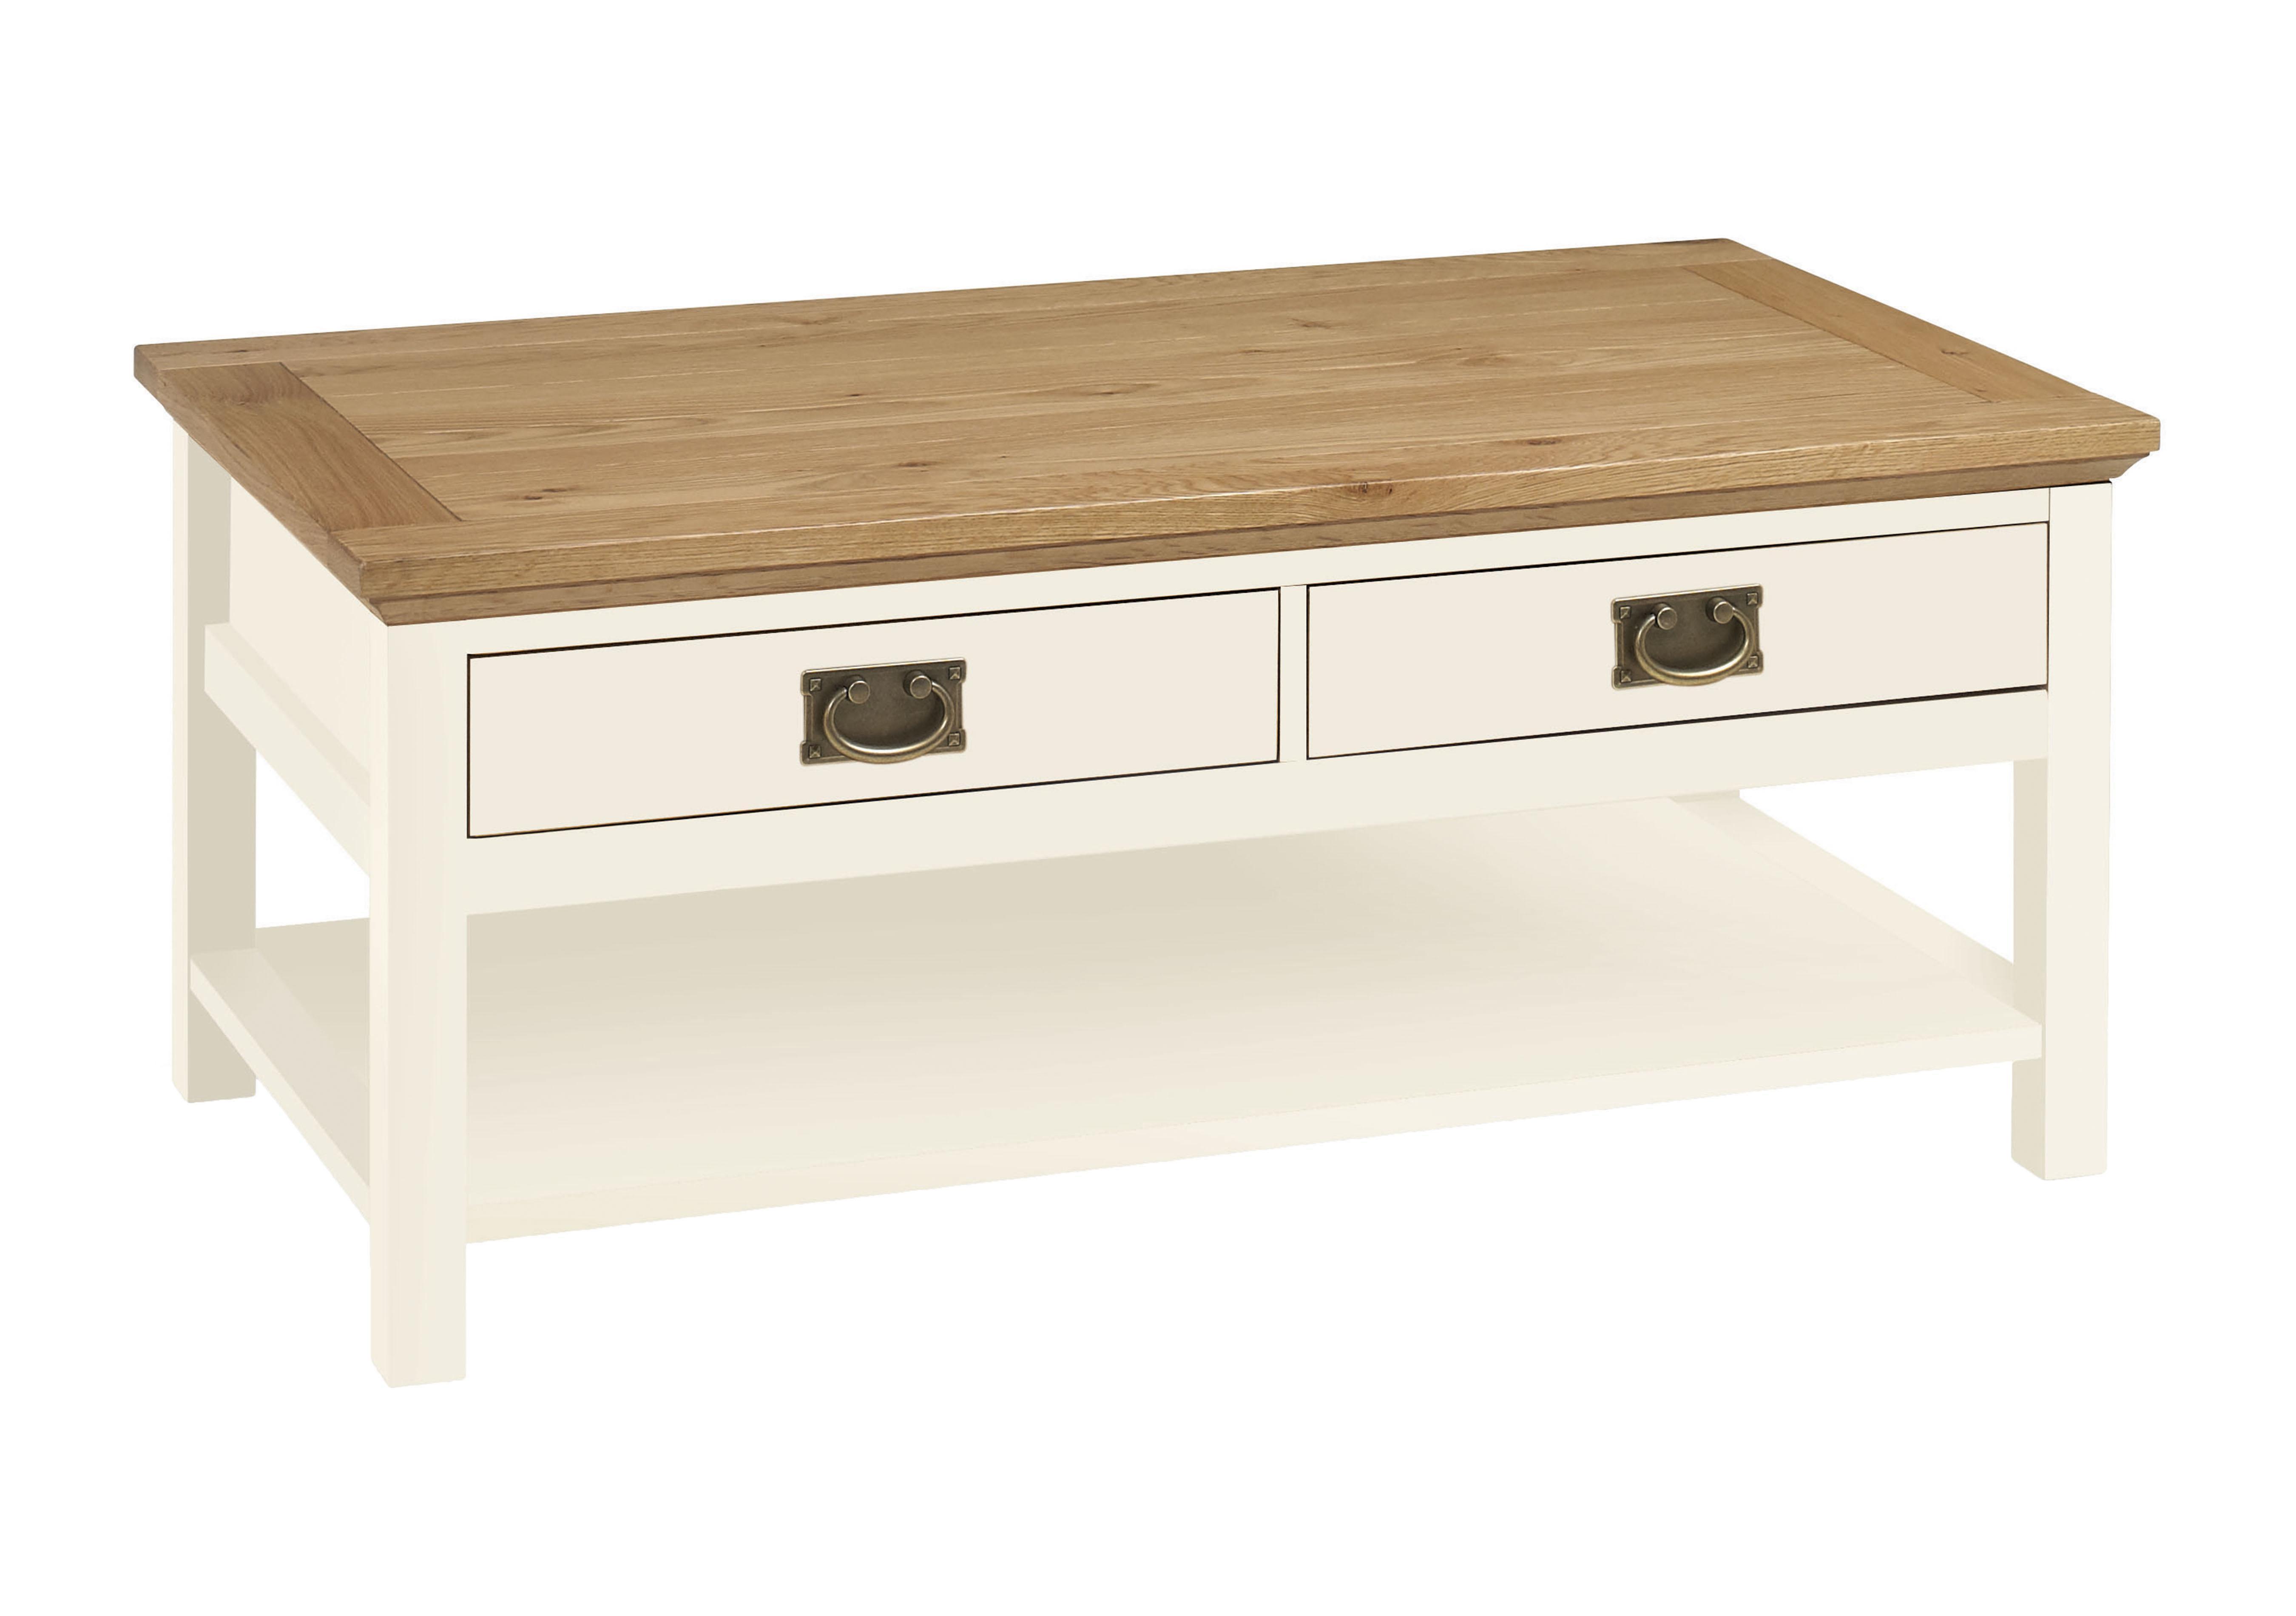 Save £110. Furnitureland Compton Coffee Table